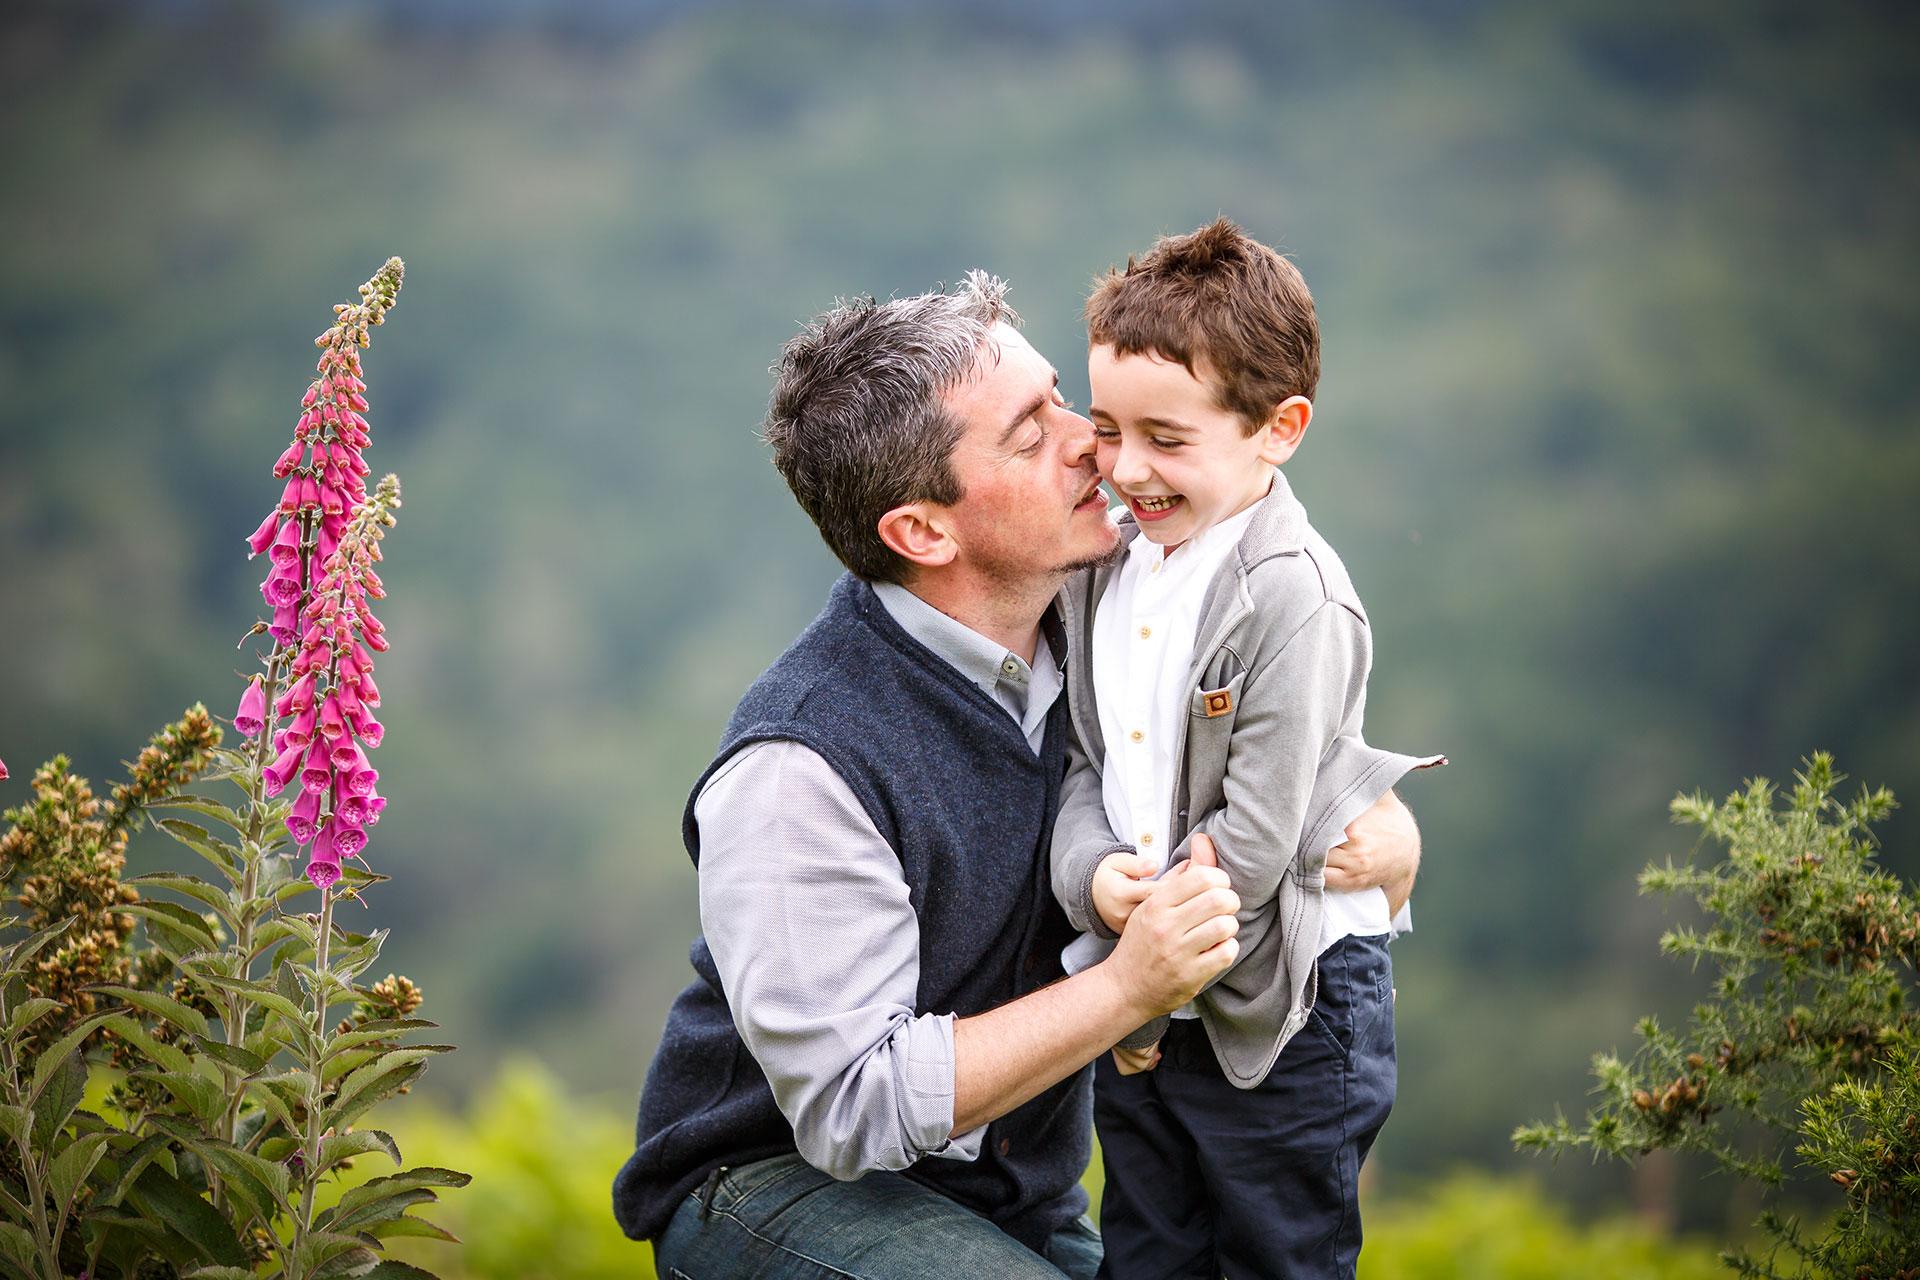 padre e hijo en erlaitz monte fotografos en irun